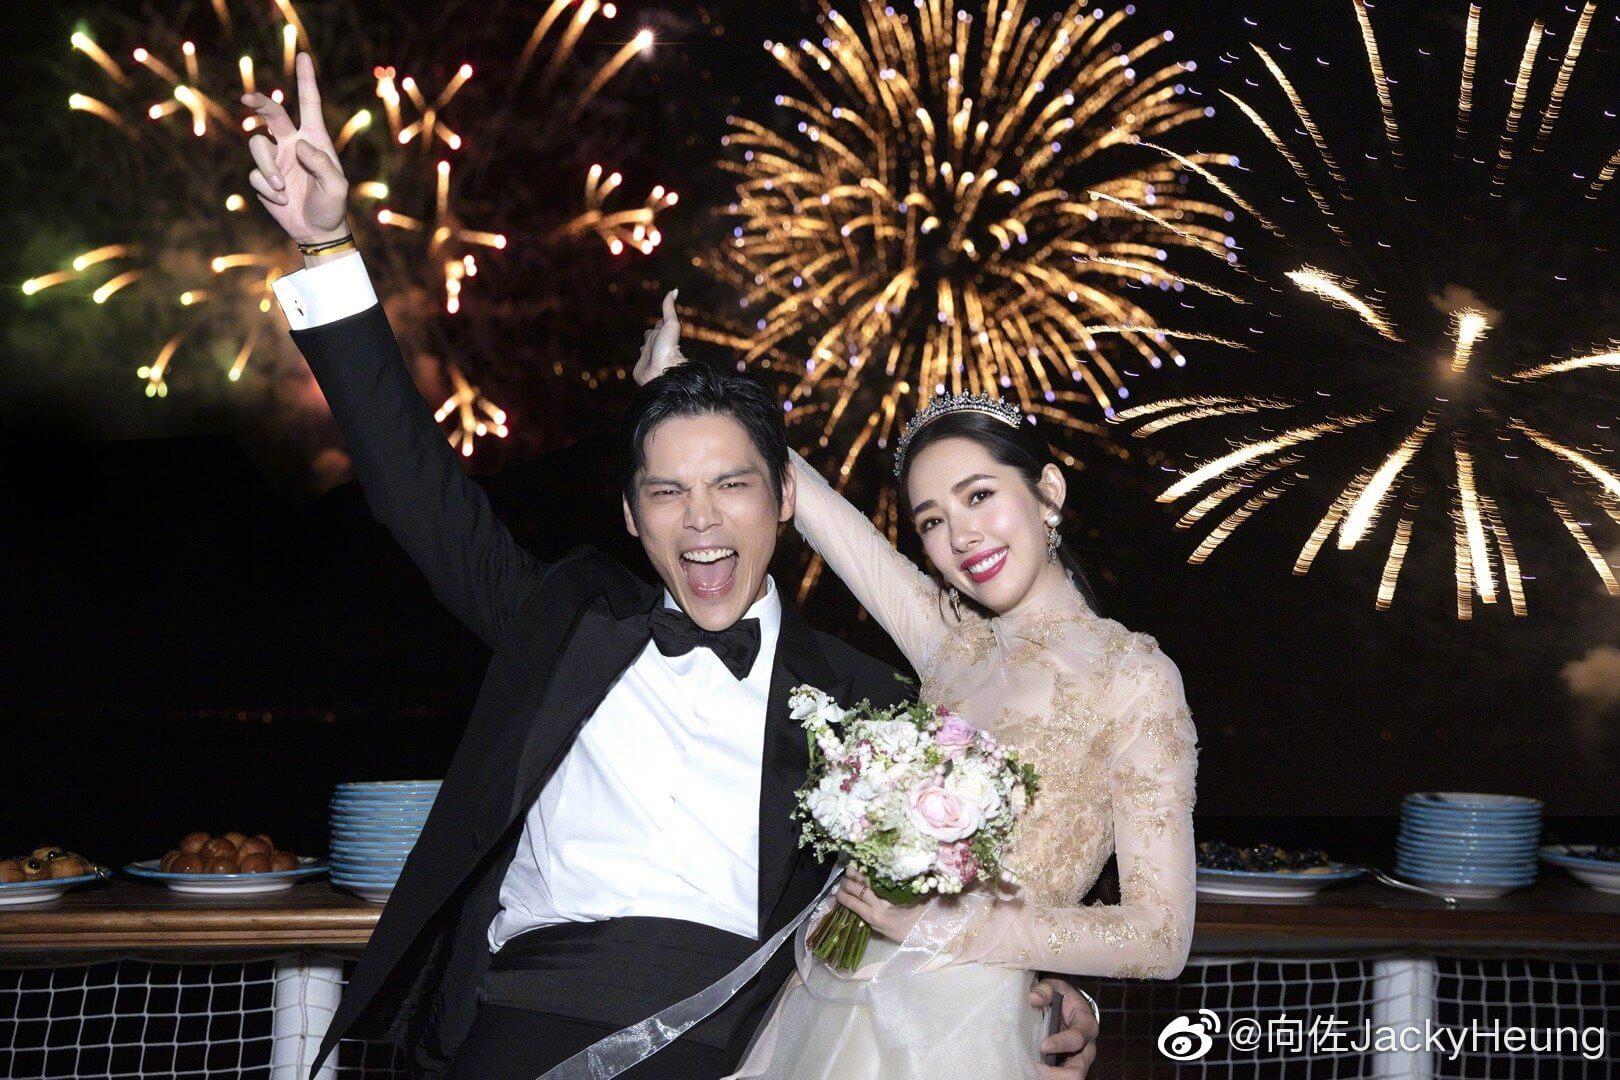 向佐與郭碧婷去年九月在意大利卡布里島舉辦婚禮。